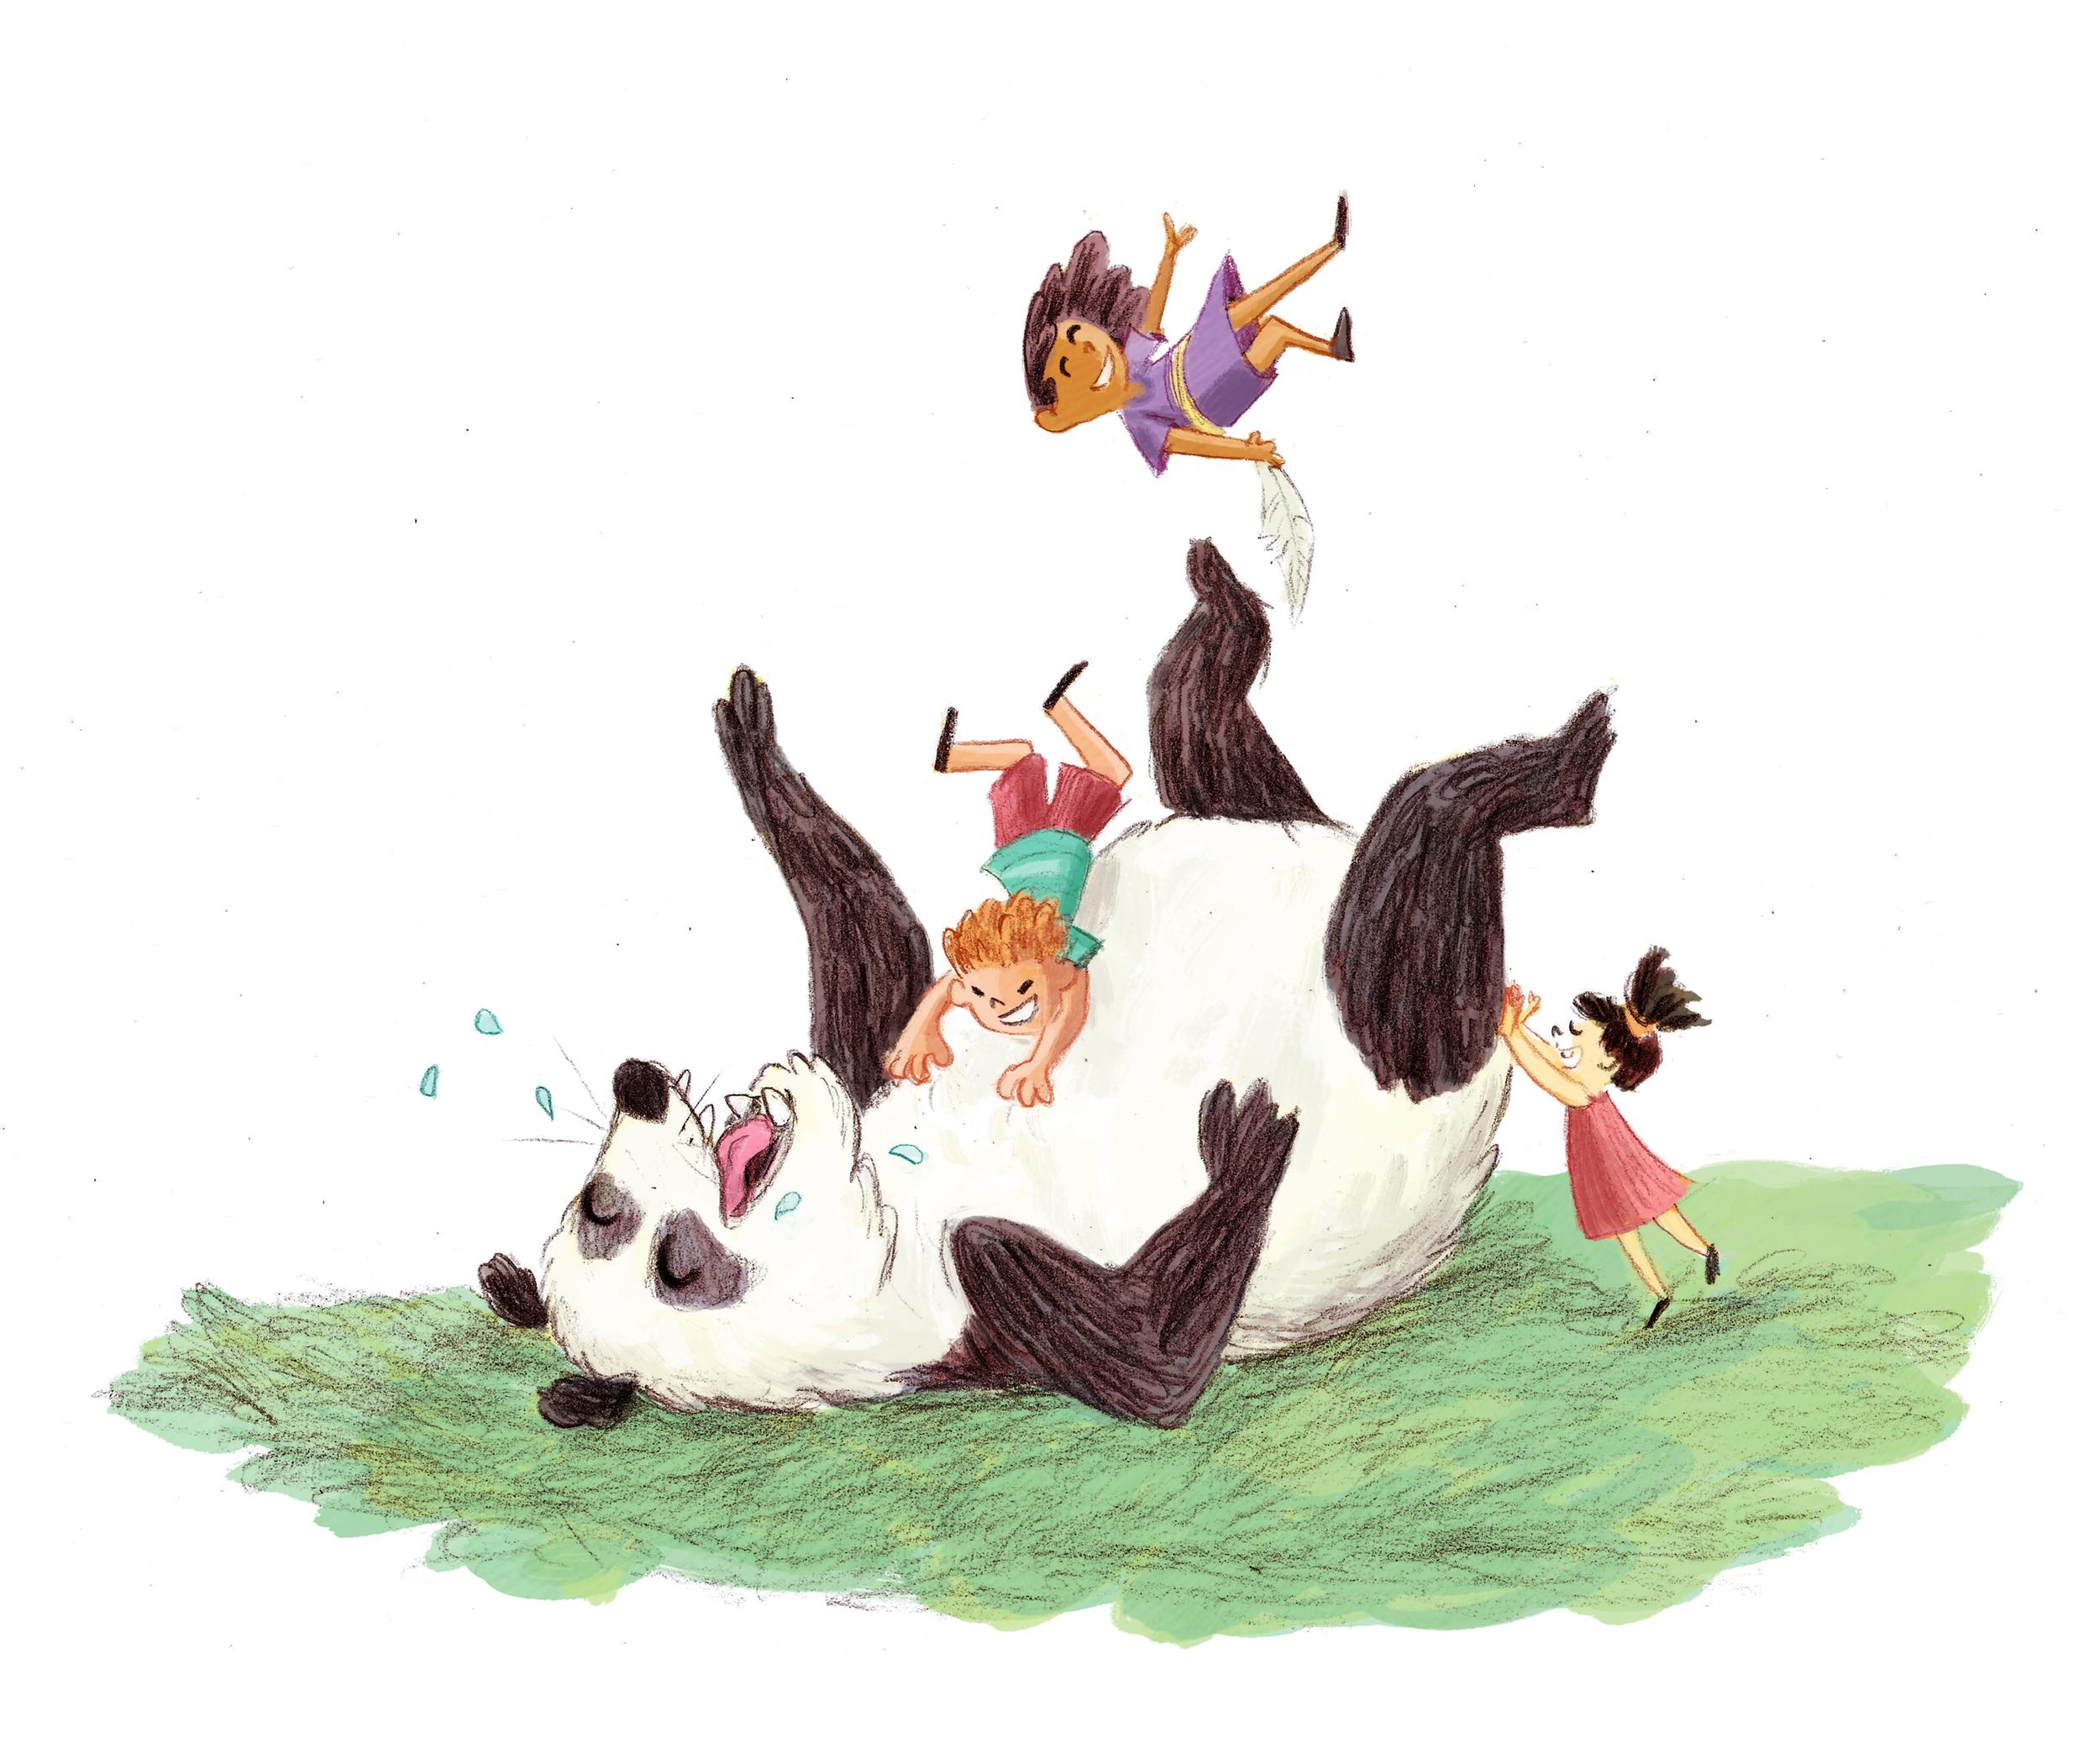 kids tickle their panda friend